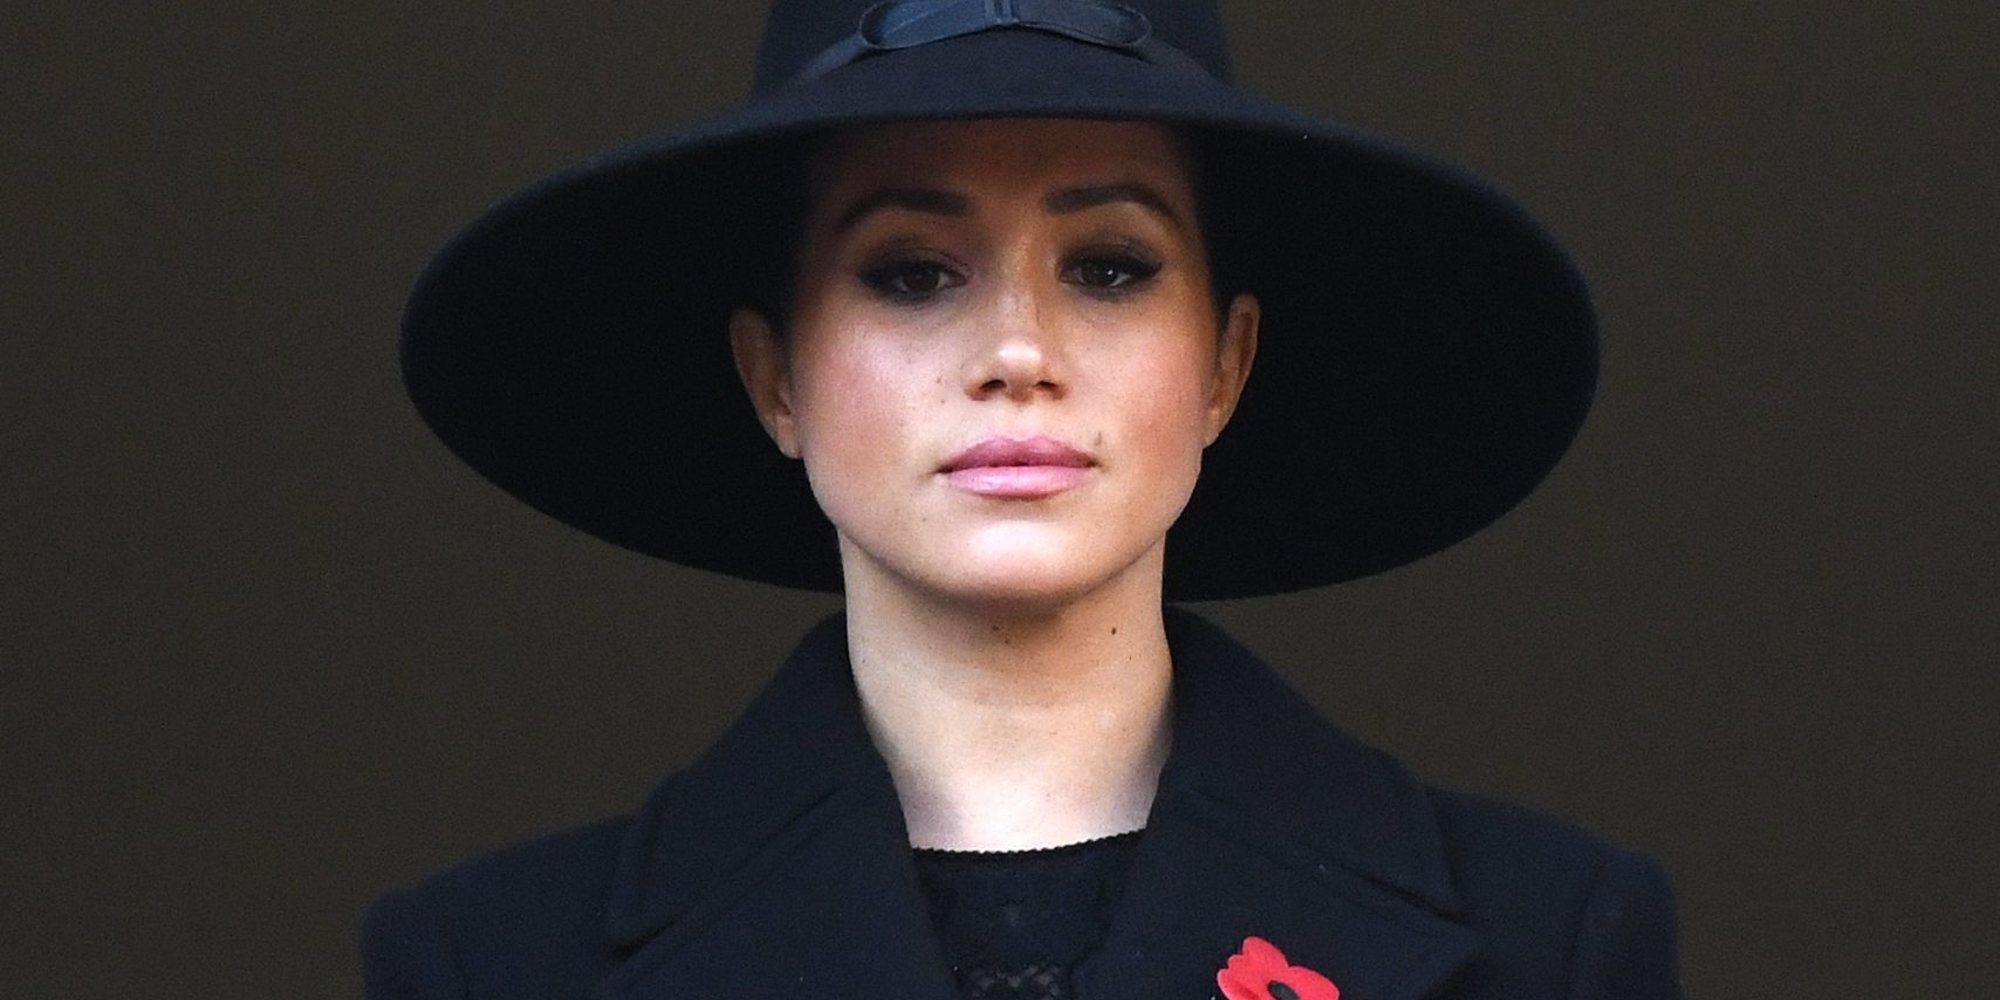 El detalle de Meghan Markle para estar presente en el funeral del Duque de Edimburgo